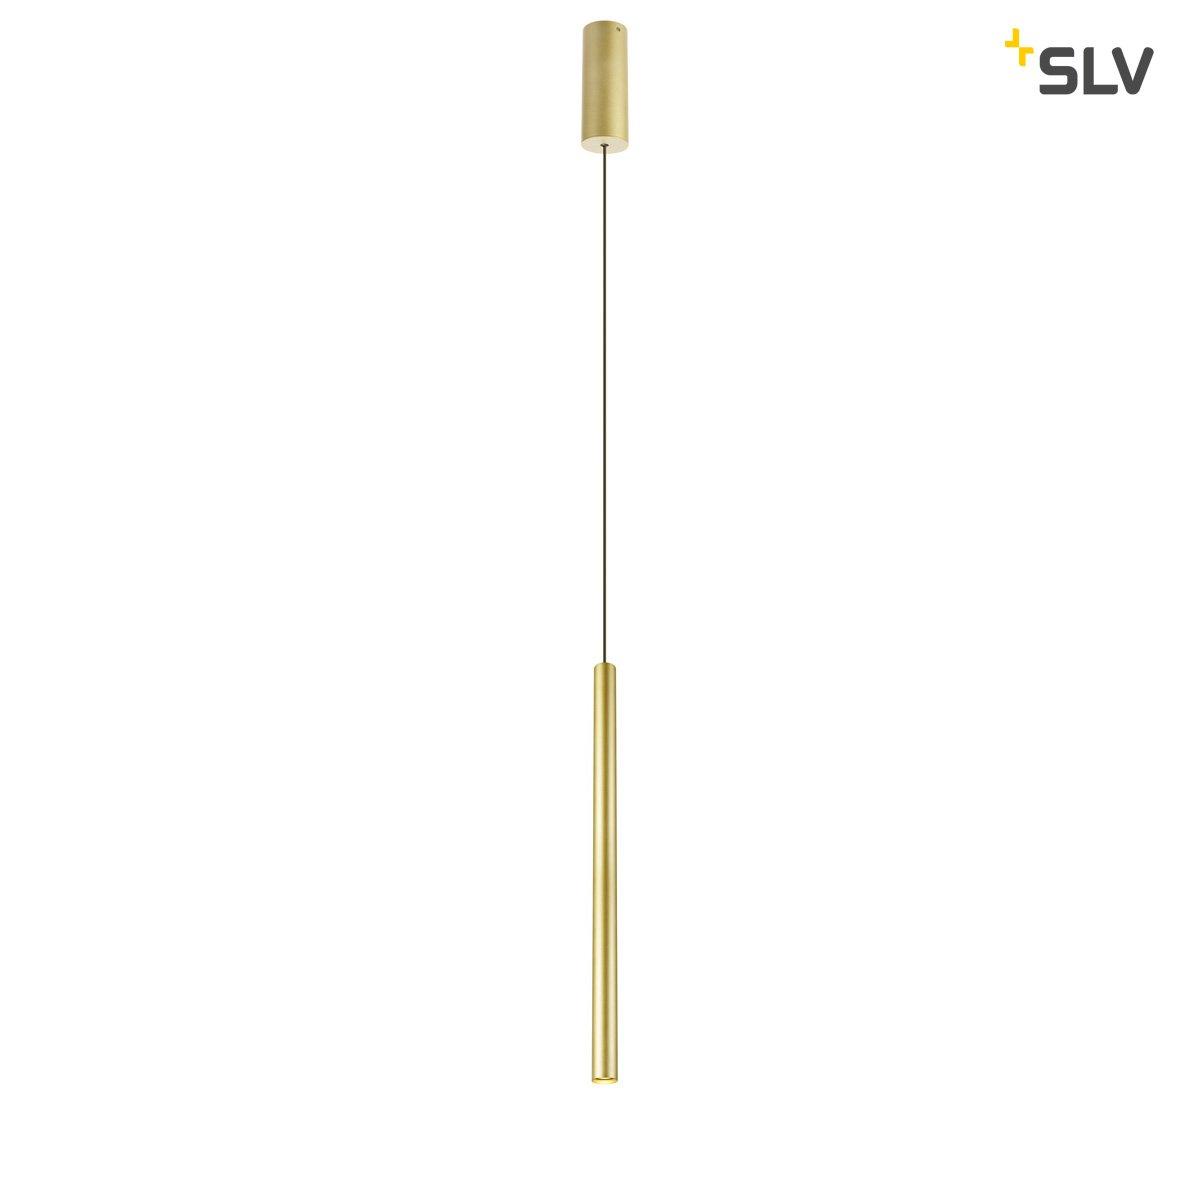 SLV - verlichting Hanglamp Helia SLV. 1002172